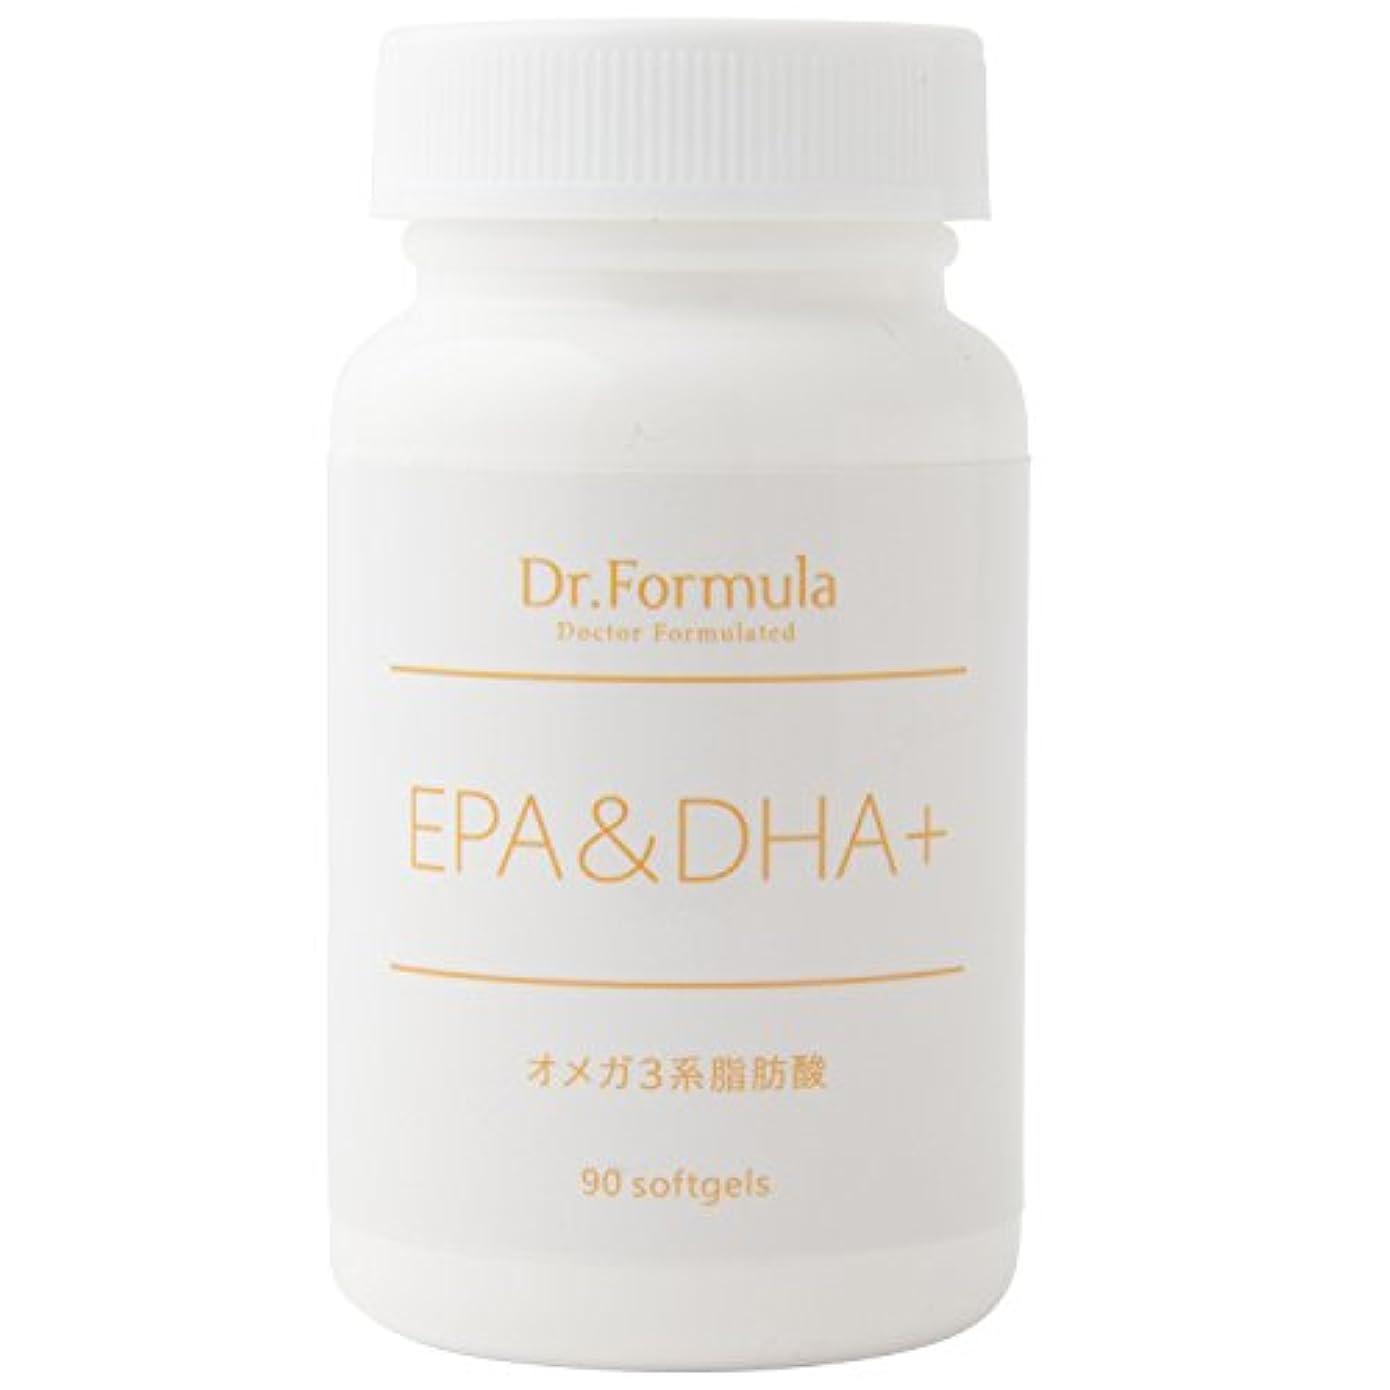 子猫因子麻痺させるDr.Formula EPA&DHA+(オメガ 3系脂肪酸) 30日分 90粒 日本製 OMEGA3